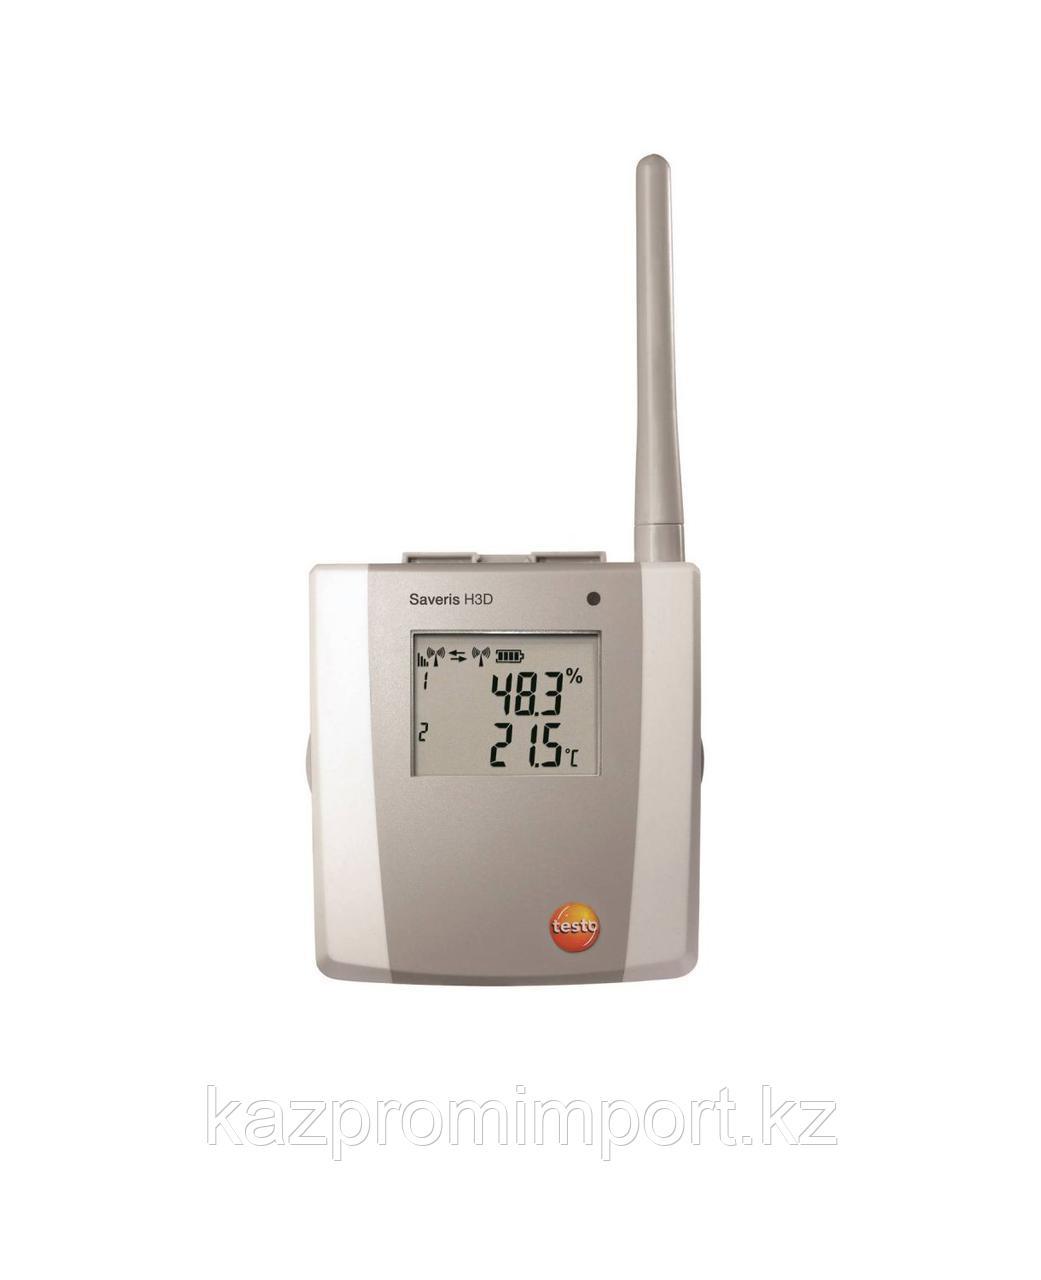 Testo Saveris H3 D - 2-х канальный радиозонд температуры/влажности, с дисплеем